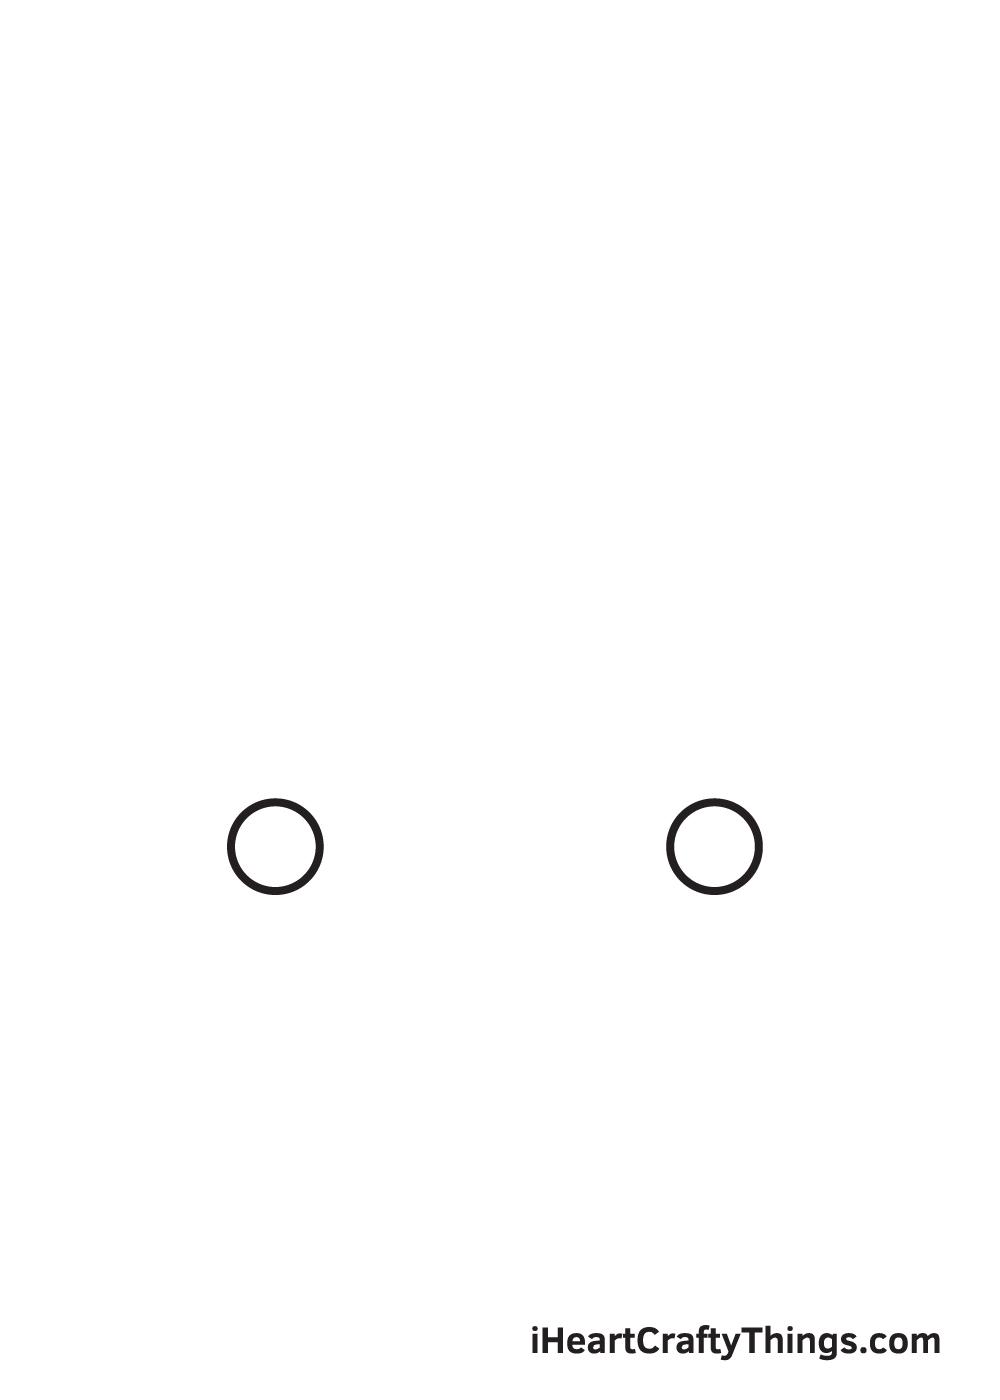 bản vẽ ô tô - bước 1